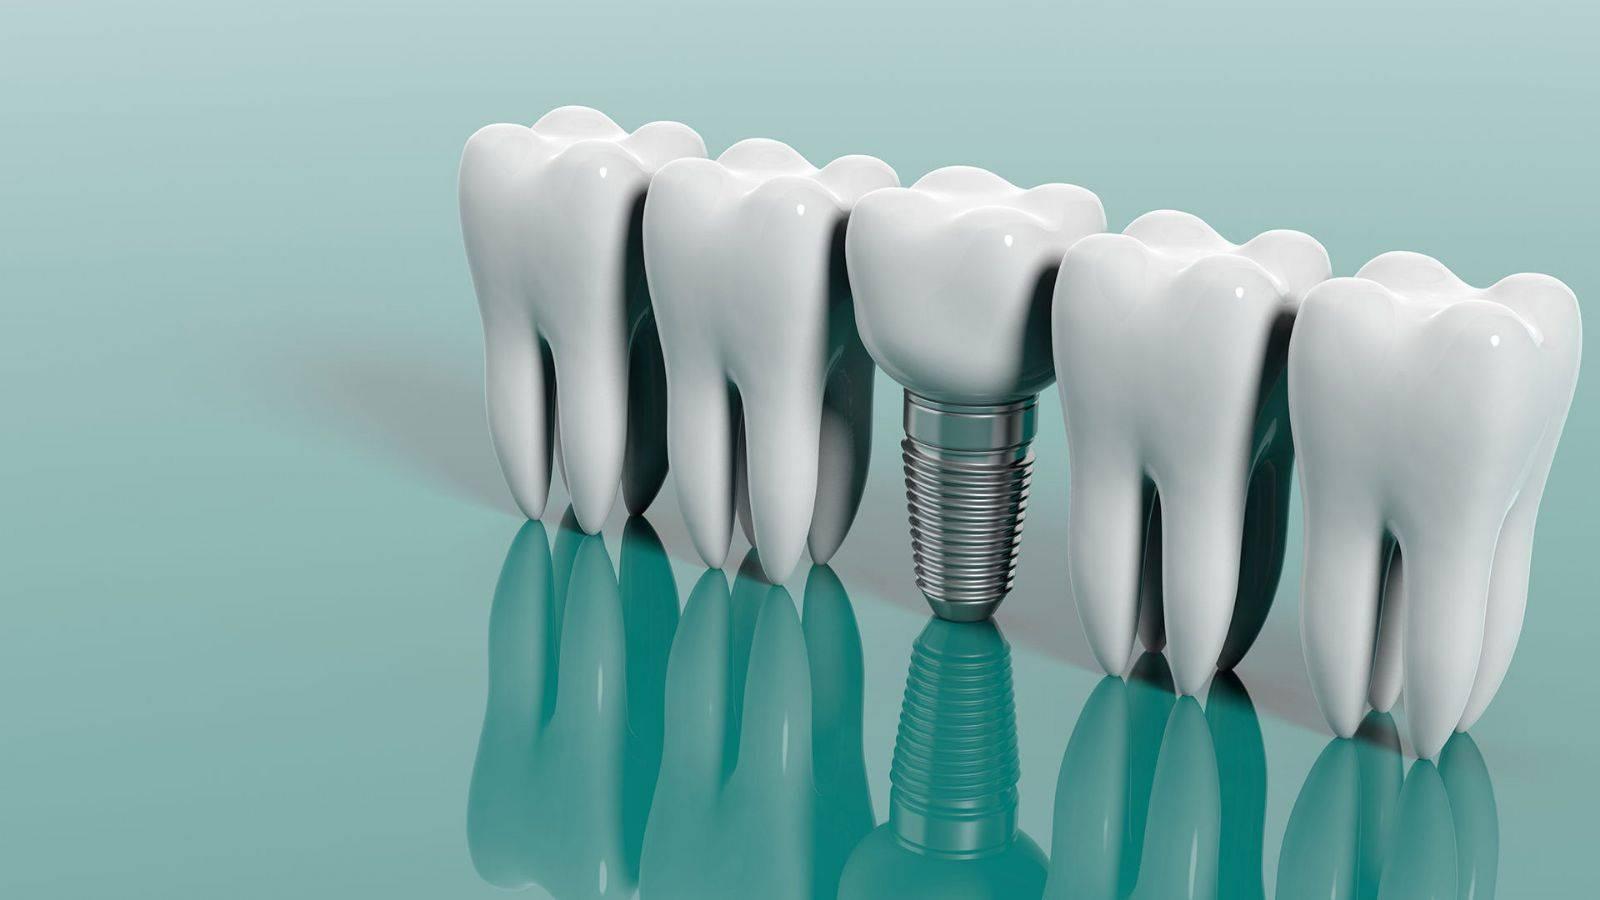 Протезирование зубов в израиле: цены, отзывы, клиники